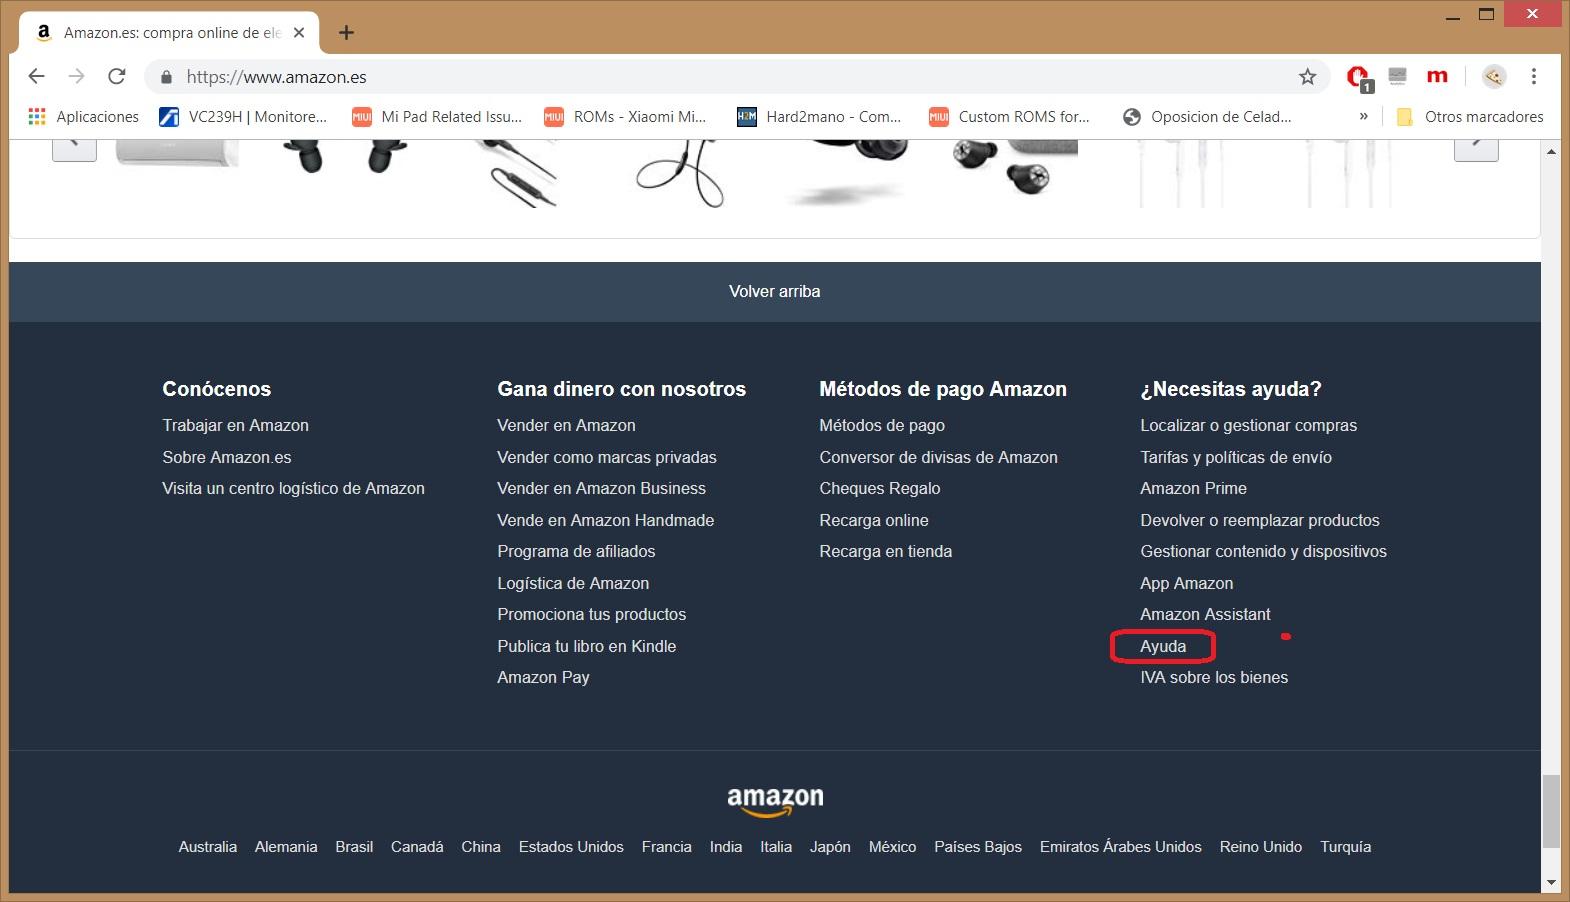 Como cancelar tu cuenta de Amazon 2